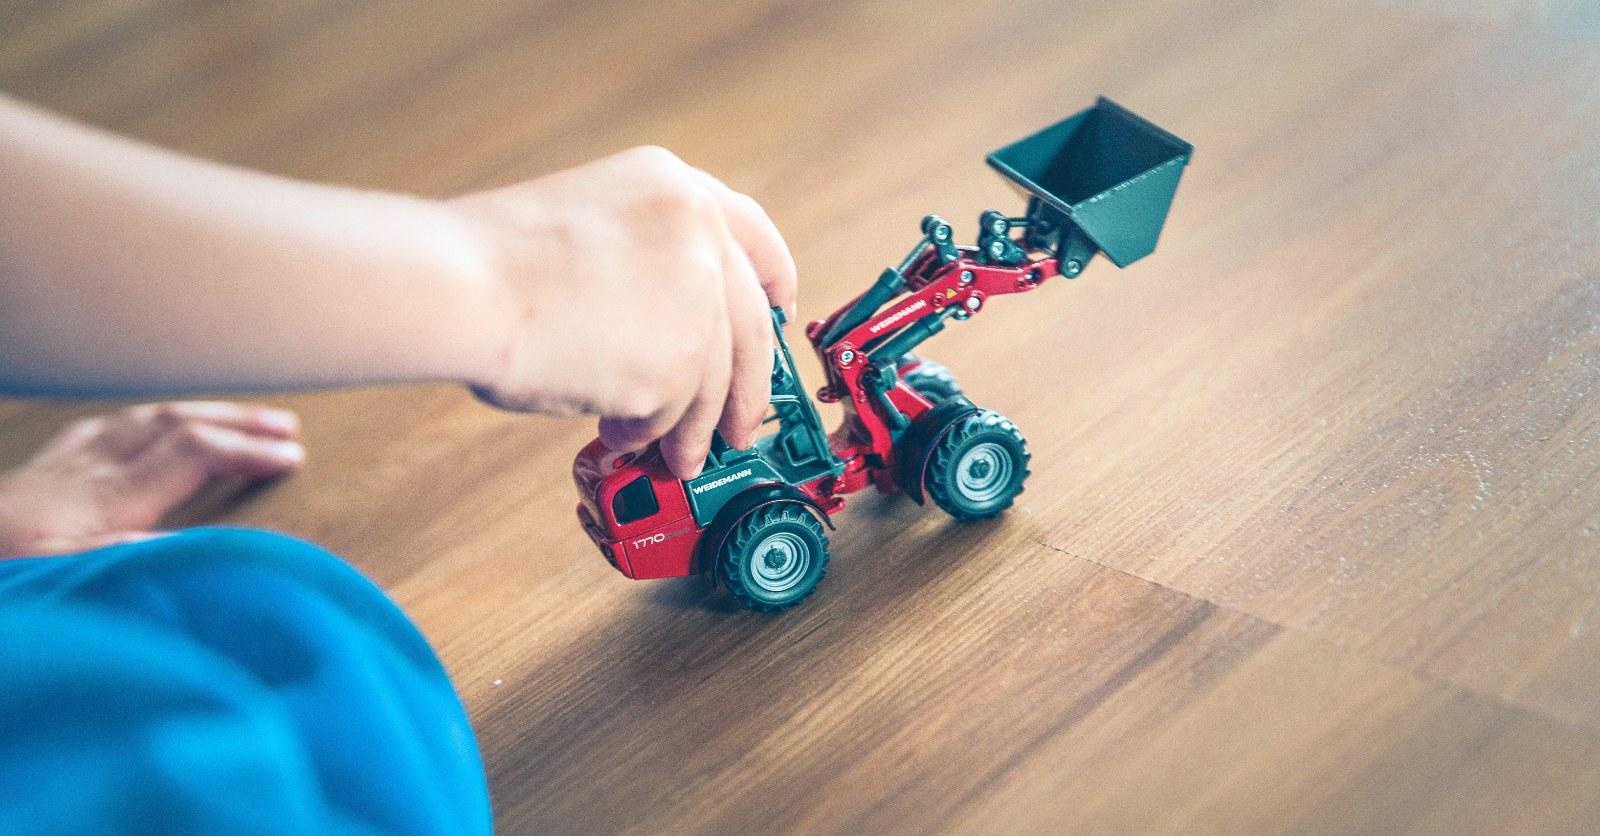 Brincar Sozinho  – 6 Pistas Para Estimular A Autonomia Do Seu Filho